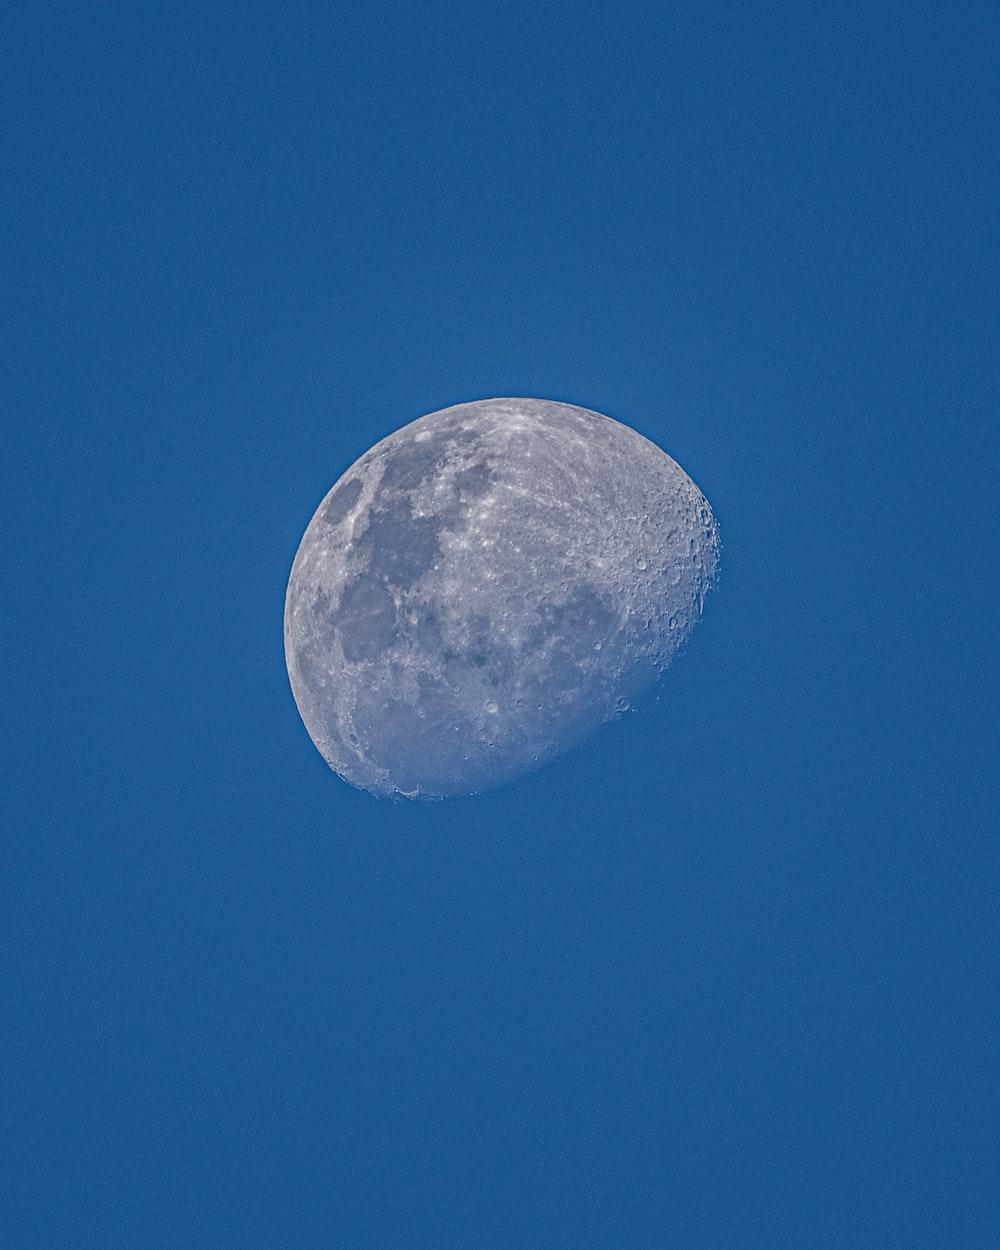 full moon in blue sky